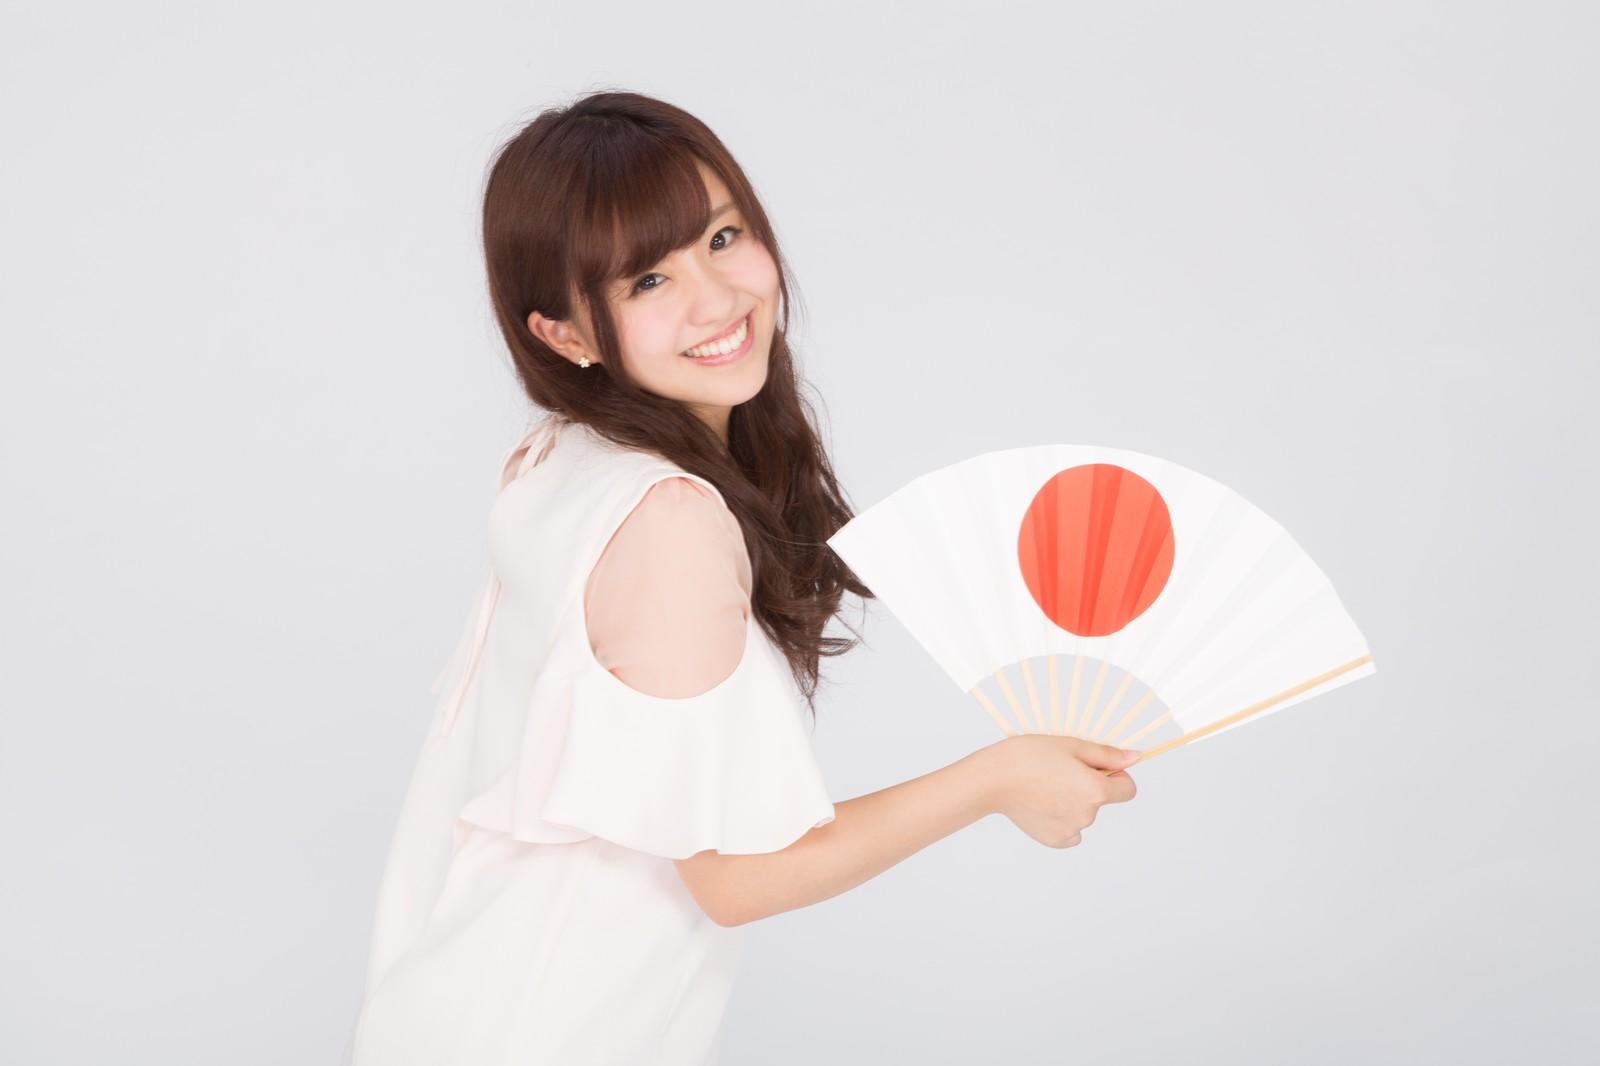 2020年12月18日現在の日本国内での新規感染者数